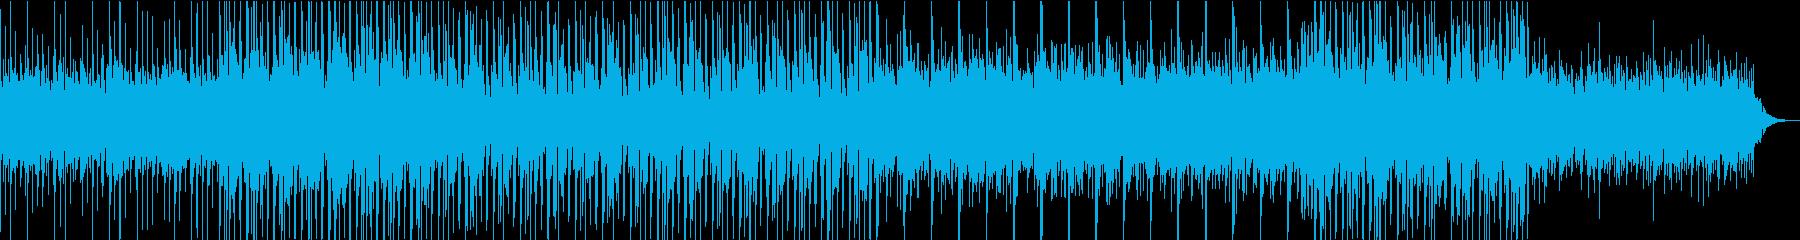 ゆったりとしたのエレクトロ(リミックス)の再生済みの波形